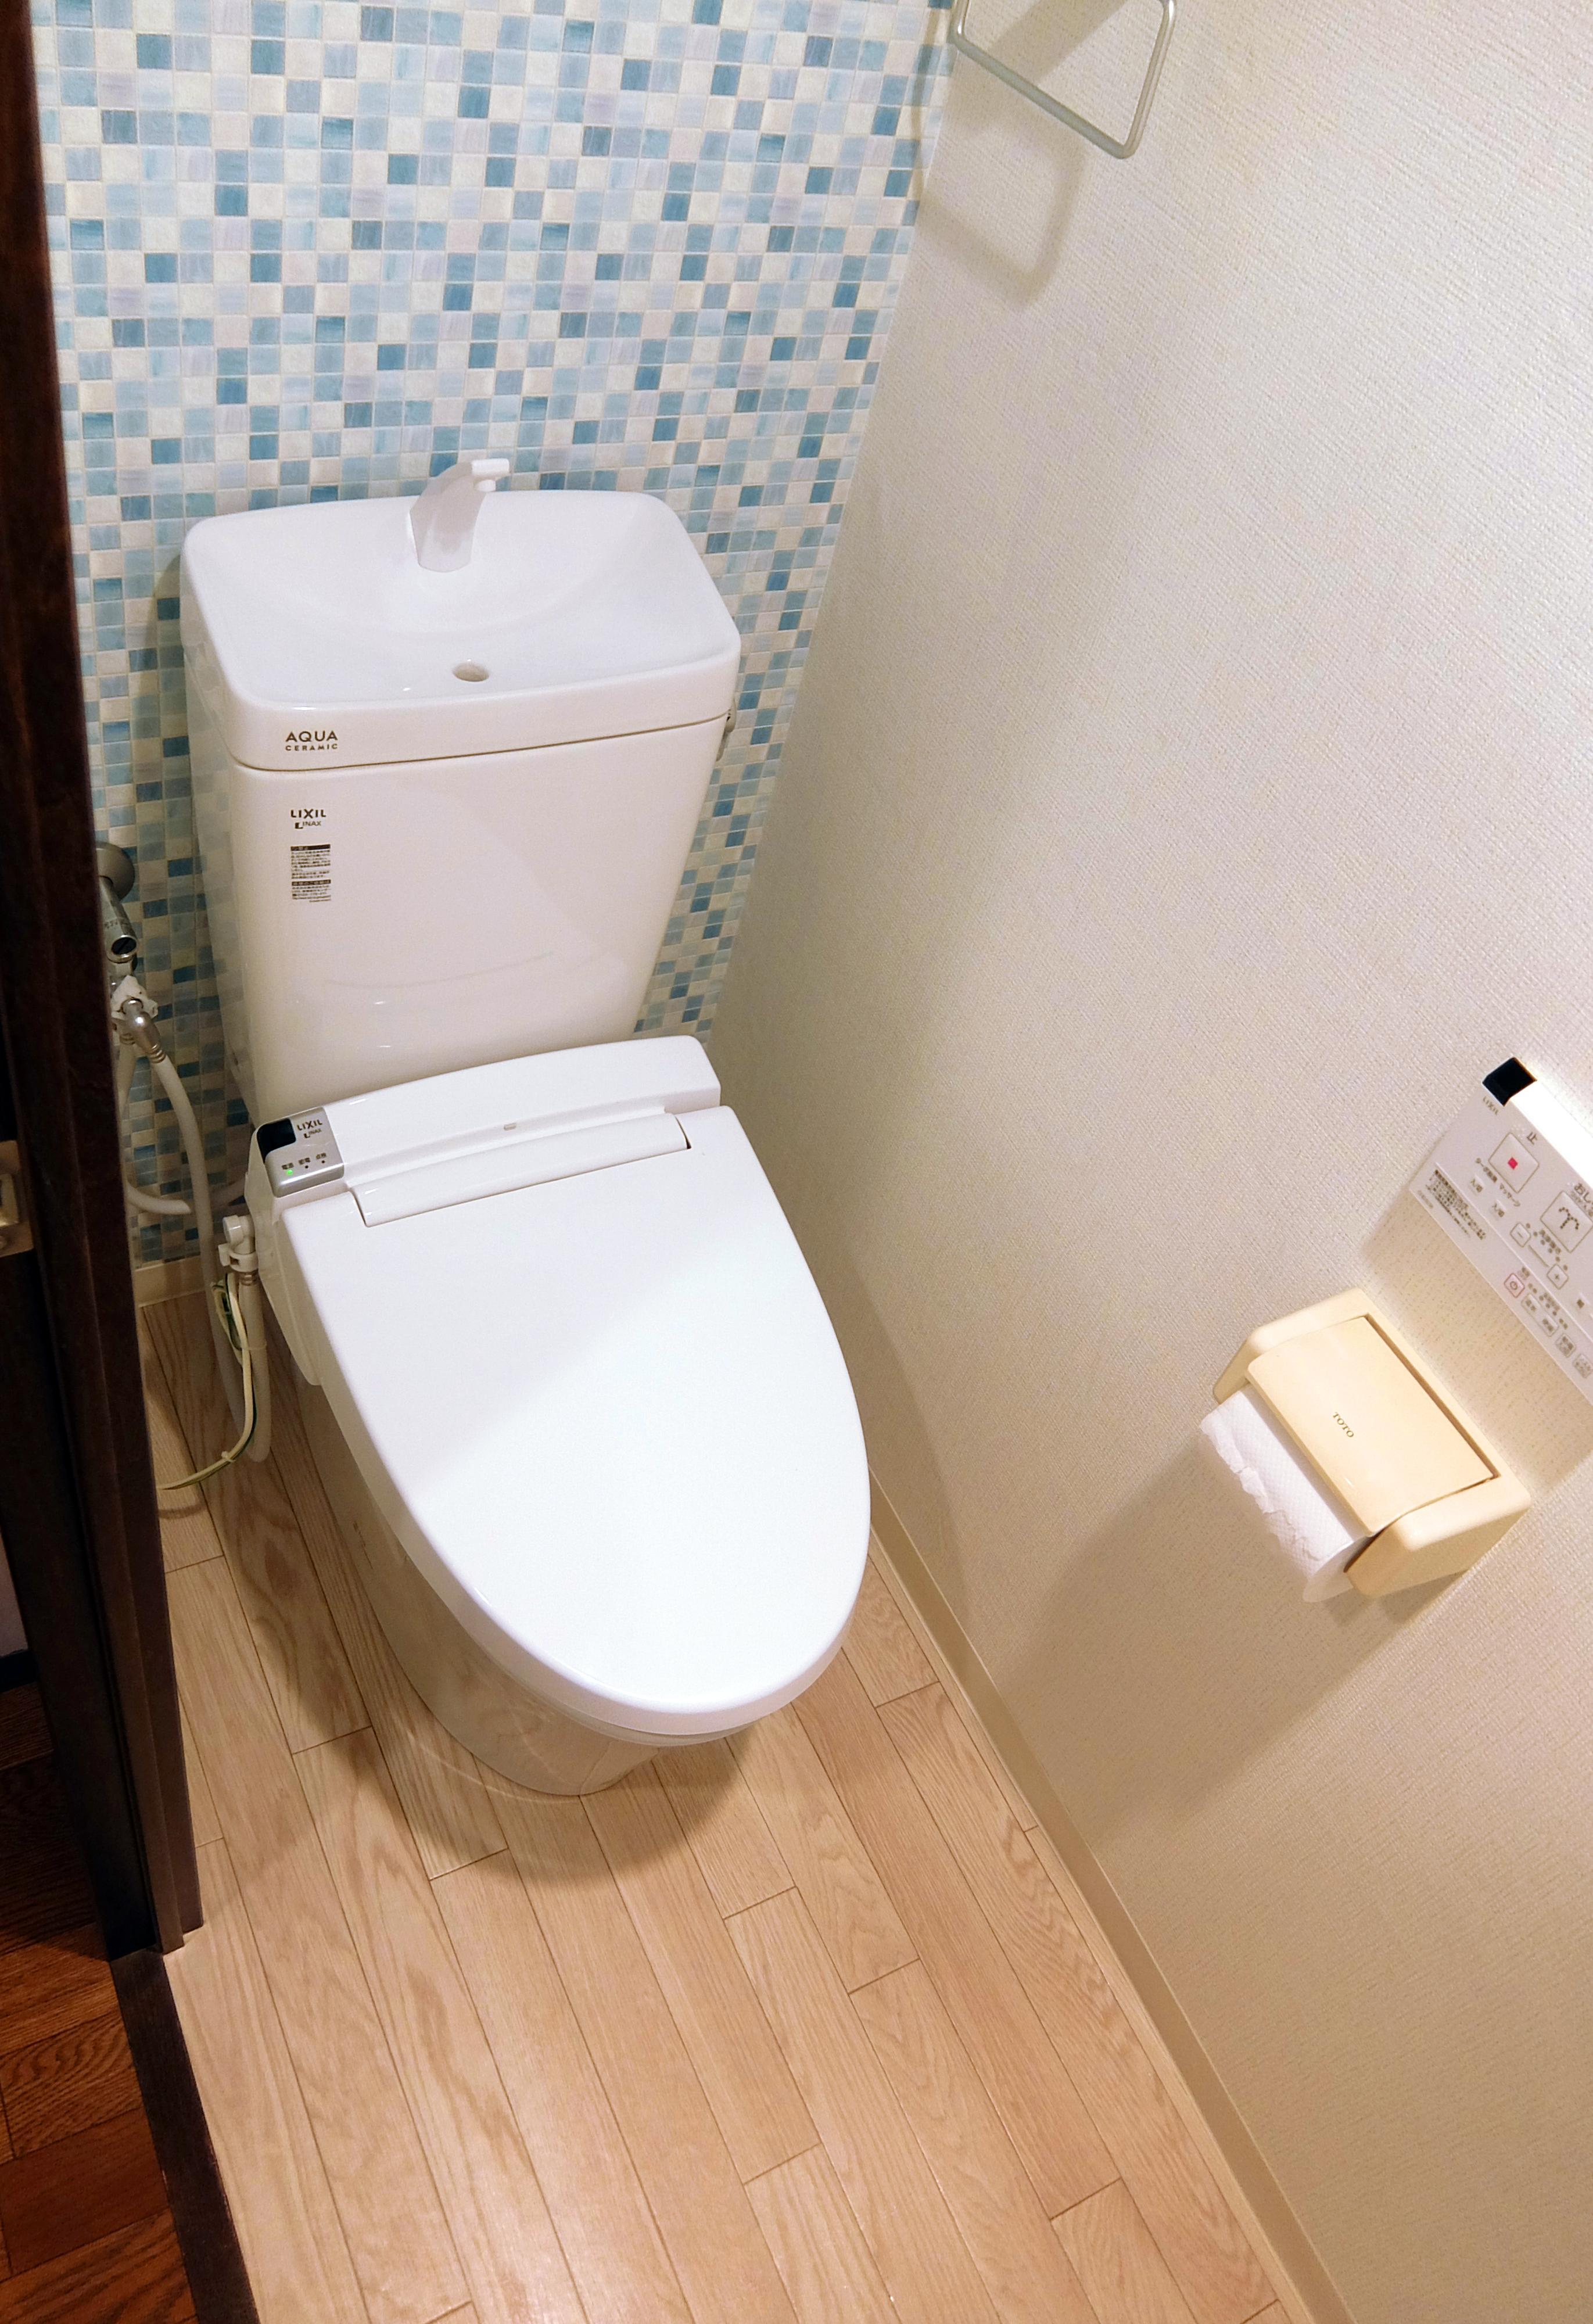 オシャレなトイレ内装にするには 壁紙編 トイレリフォーム専門店